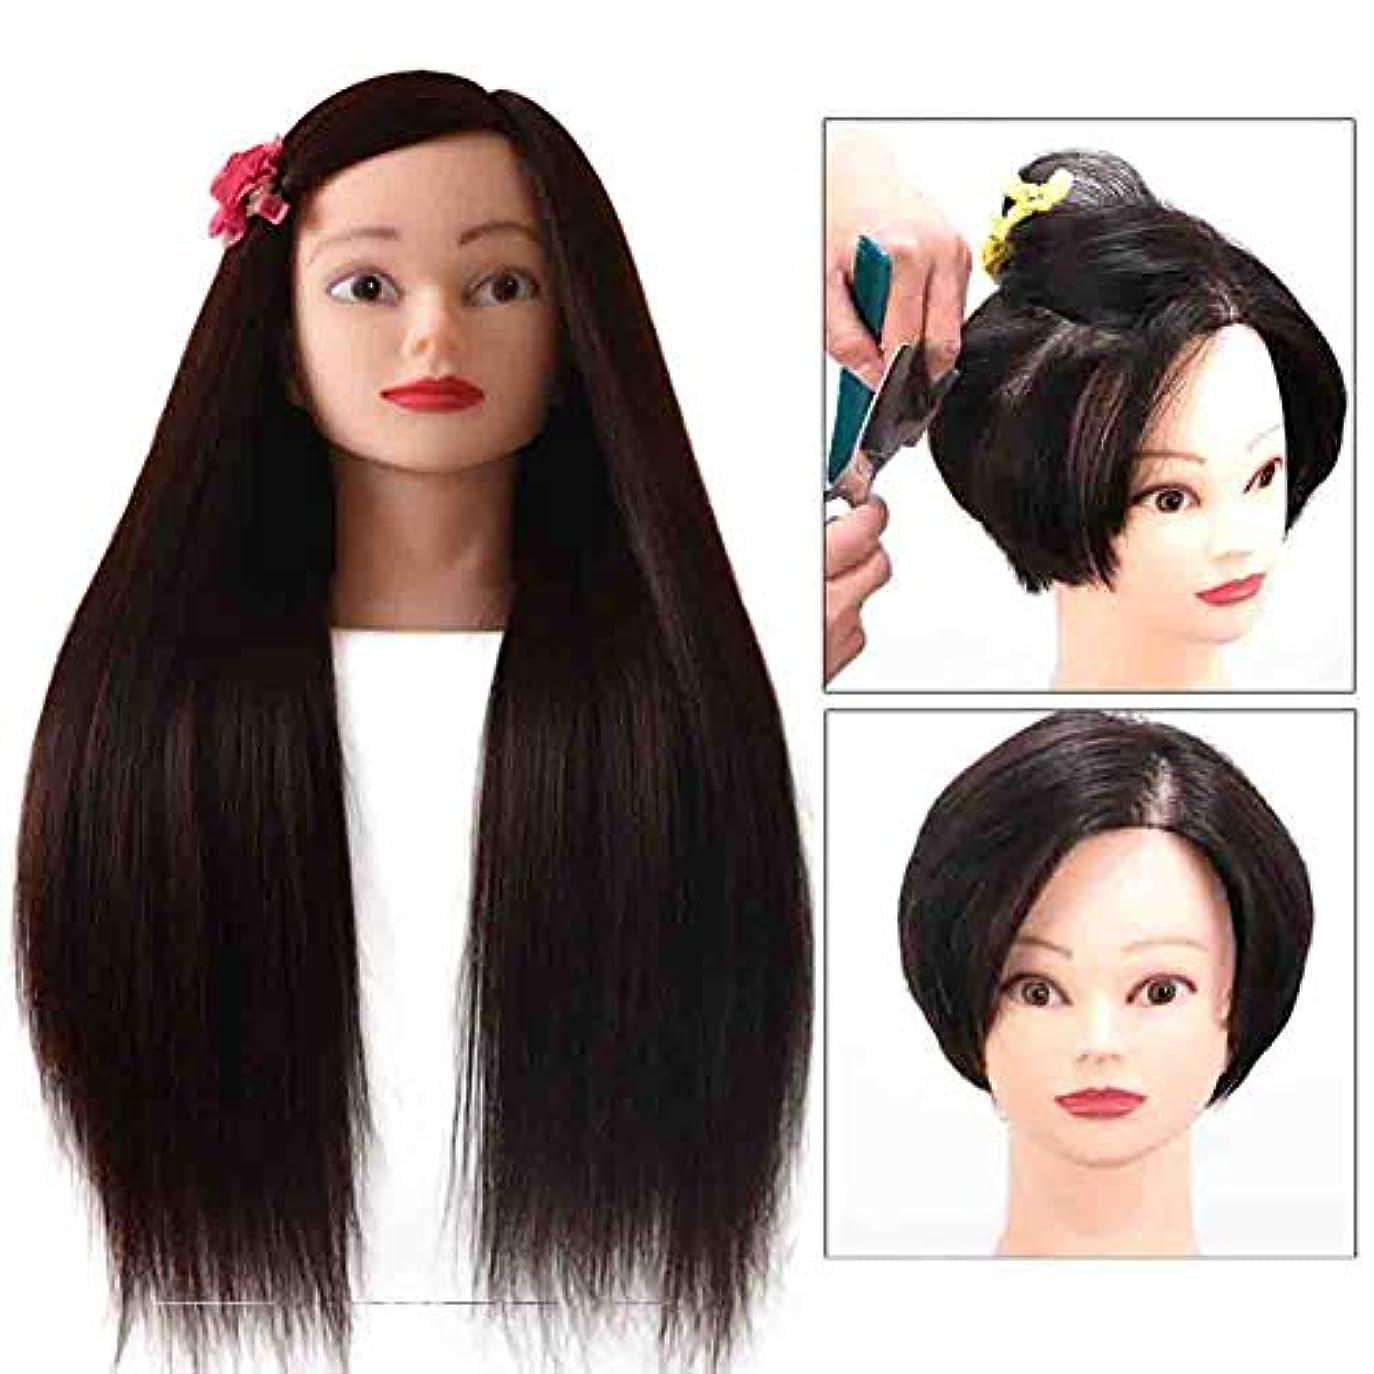 やめるミニ所有者トウモロコシホットシミュレーションヘアメイクヘアプレートヘアダミー練習ヘッド金型理髪店初心者トリムヘアトレーニングヘッド